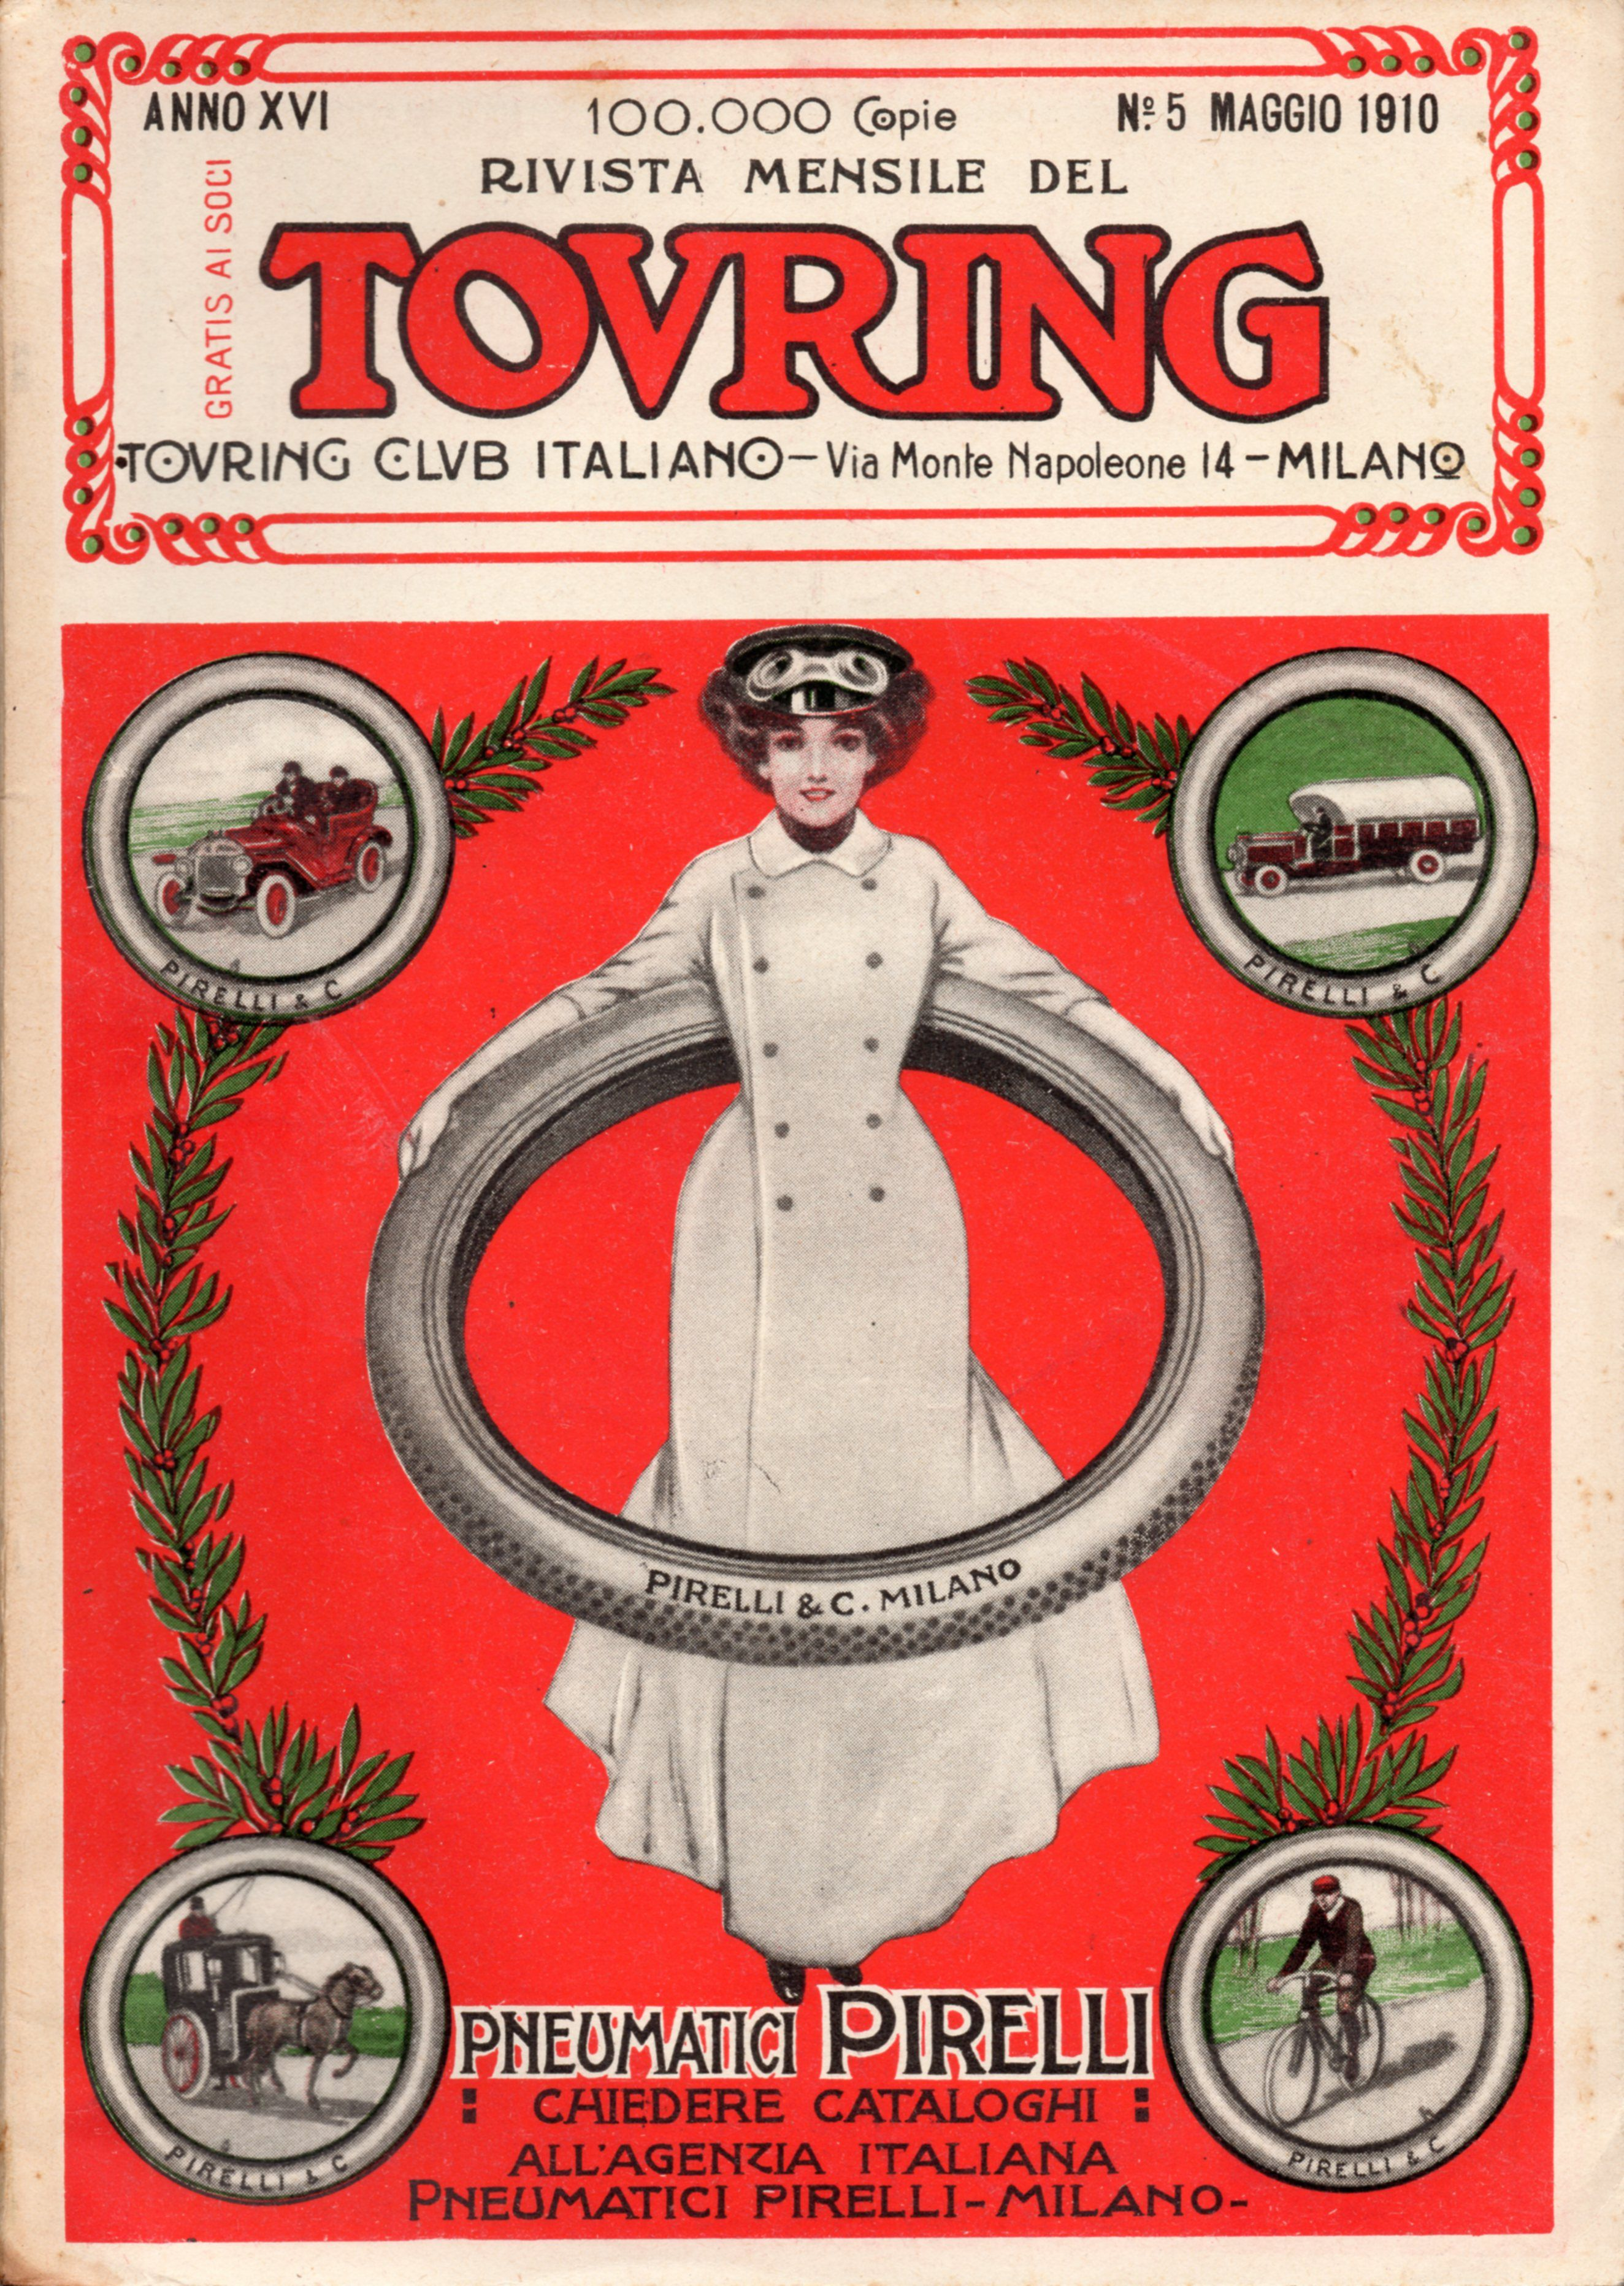 RIVISTA DEL TOURING CLUB ITALIANO - Maggio 1910: Pirelli pneumatici Milano